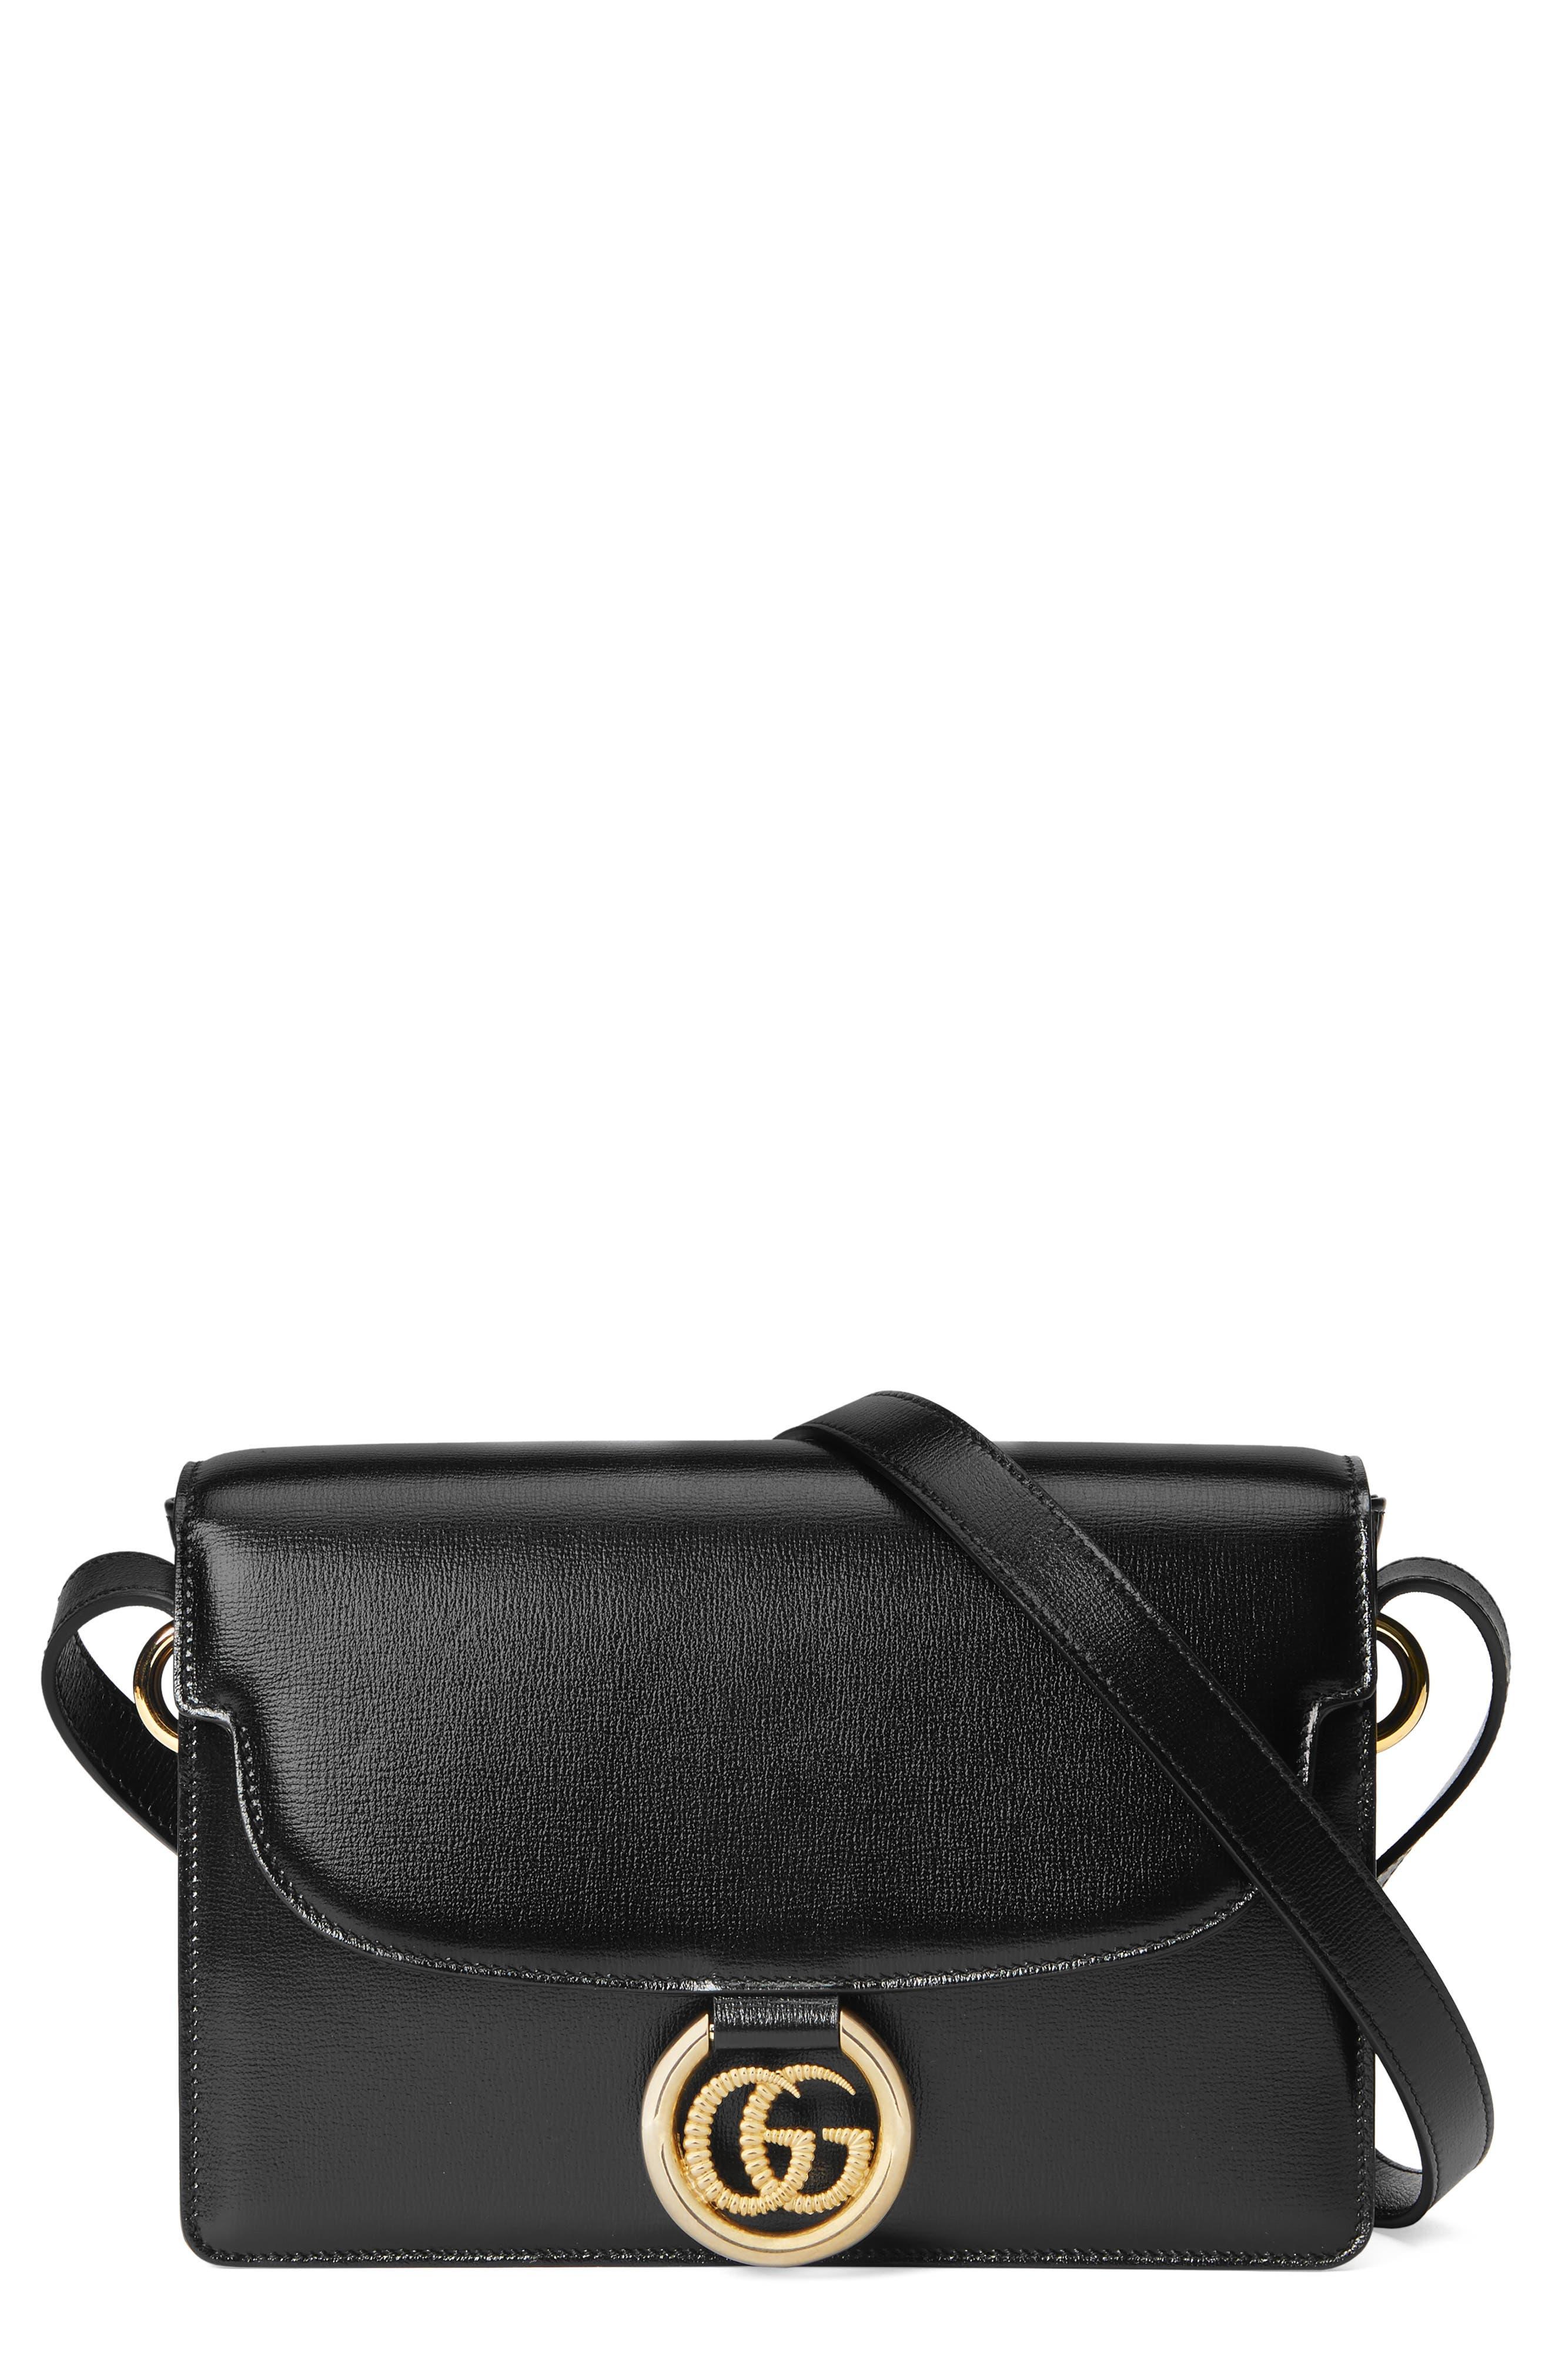 Gucci Shoulder Small GG Ring Leather Shoulder Bag